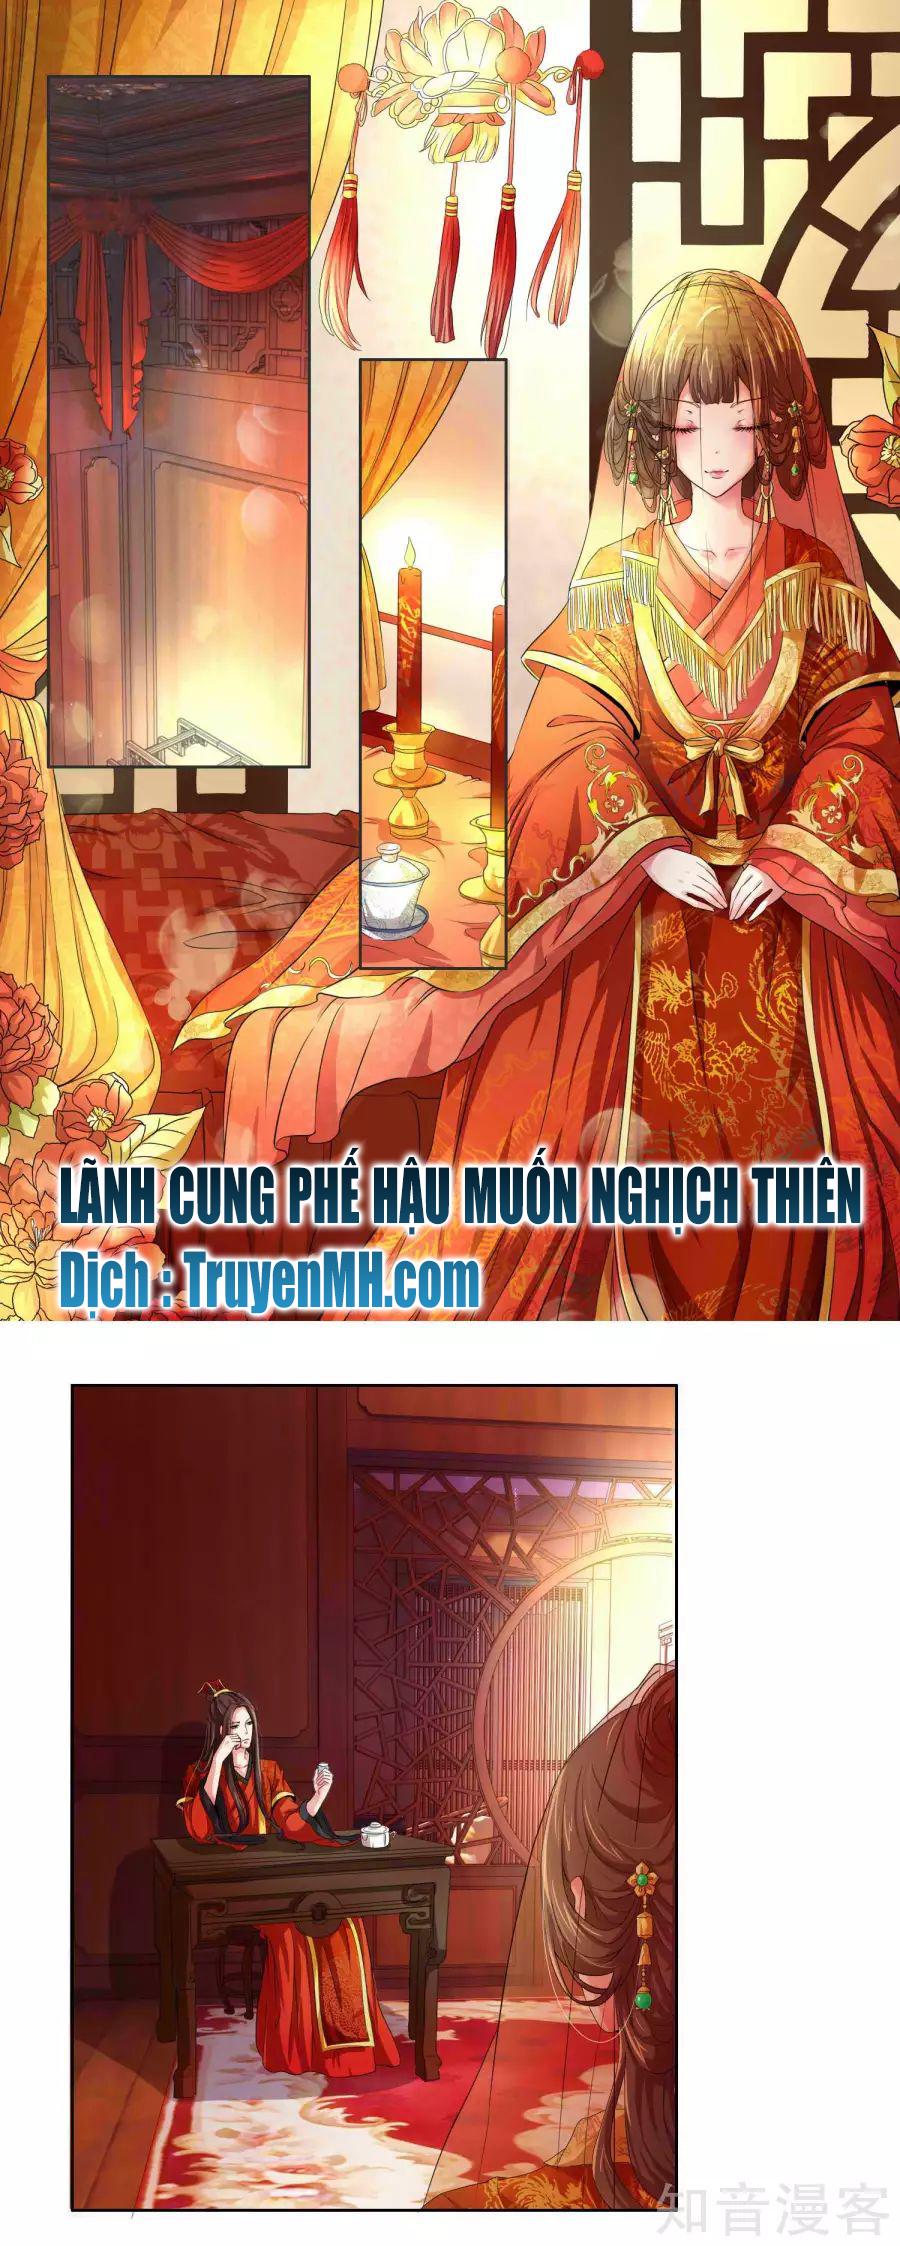 Lãnh Cung Phế Hậu Muốn Nghịch Thiên Chap 1 - Next Chap 2